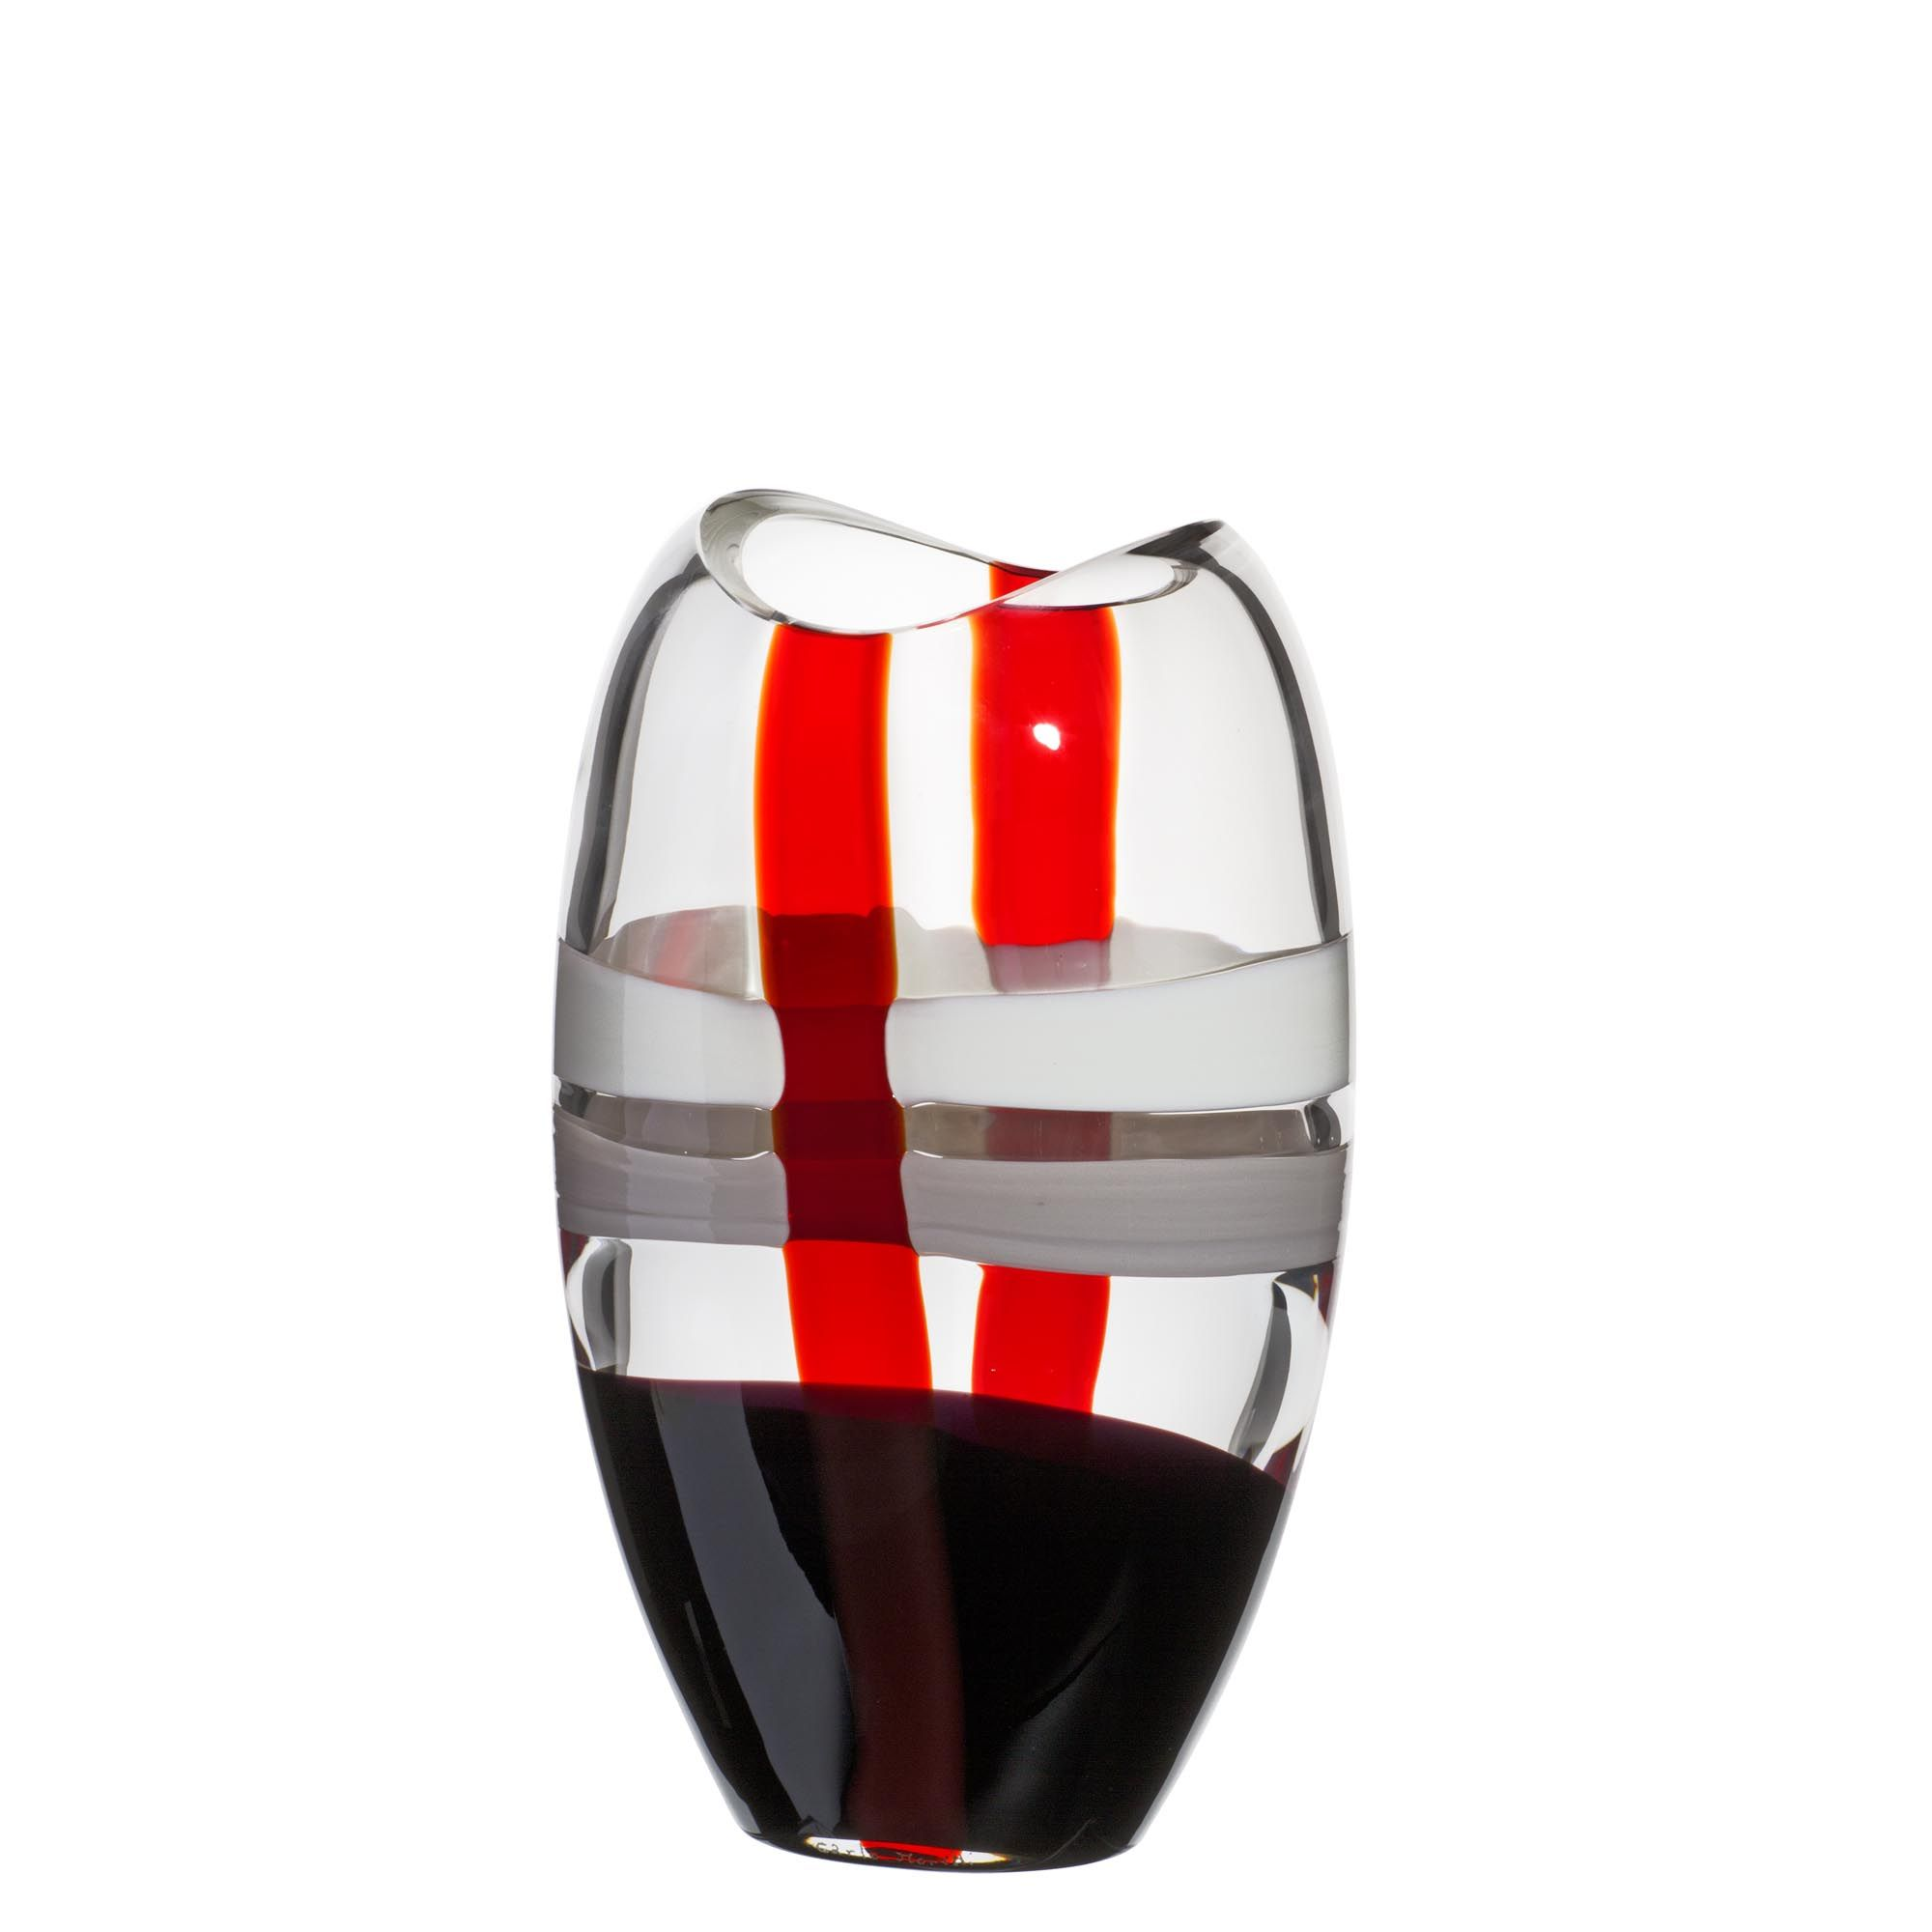 Vase Ellisse Modell 1751 R B Grosse Small Carlo Moretti Vase Glass Sculpture Glass